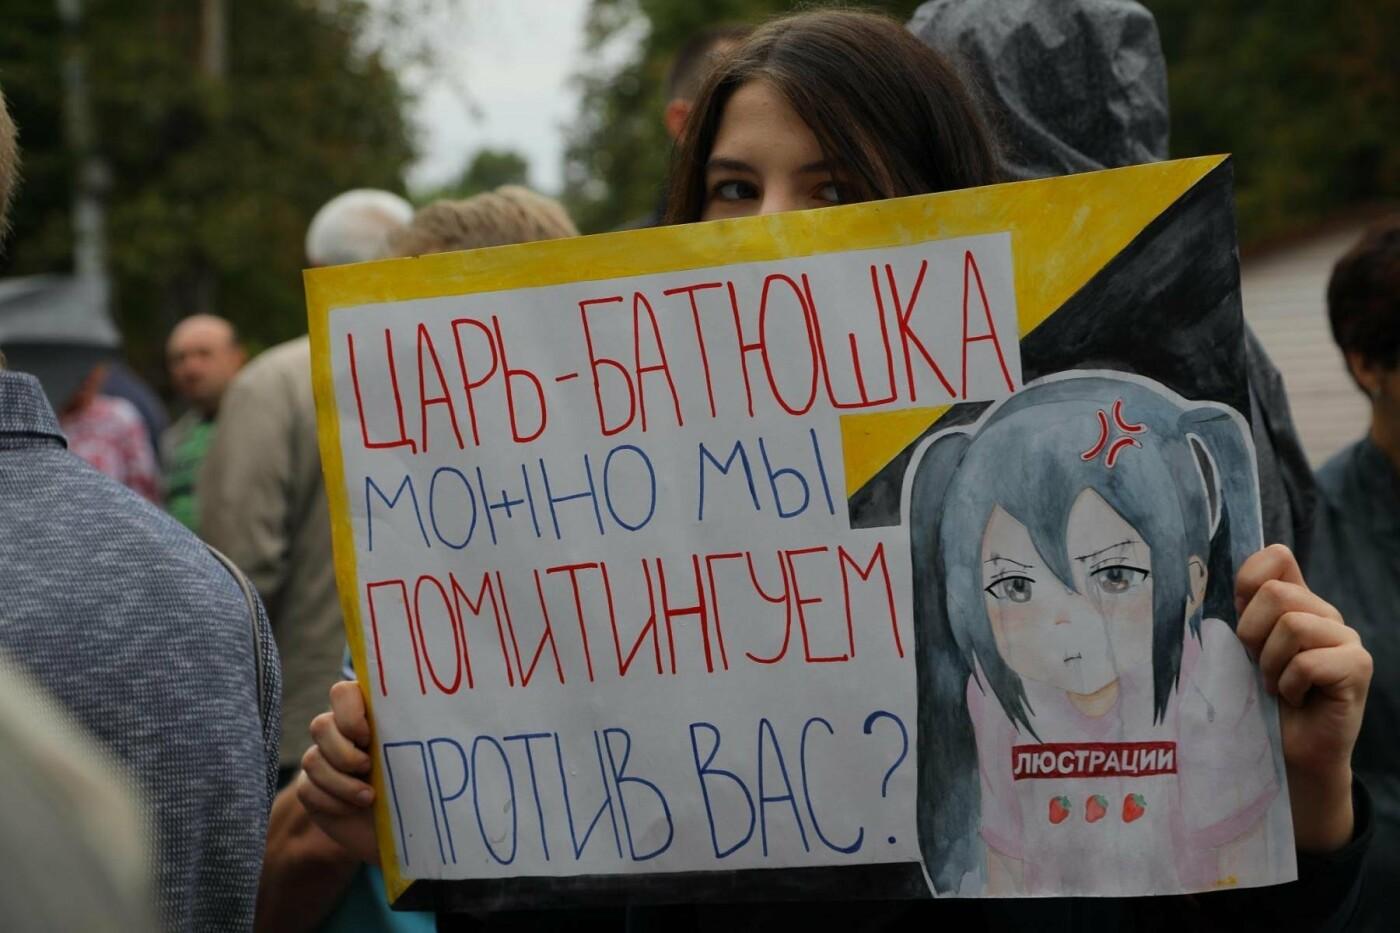 Как в Белгороде прошёл митинг против повышения пенсионного возраста (фото), фото-2